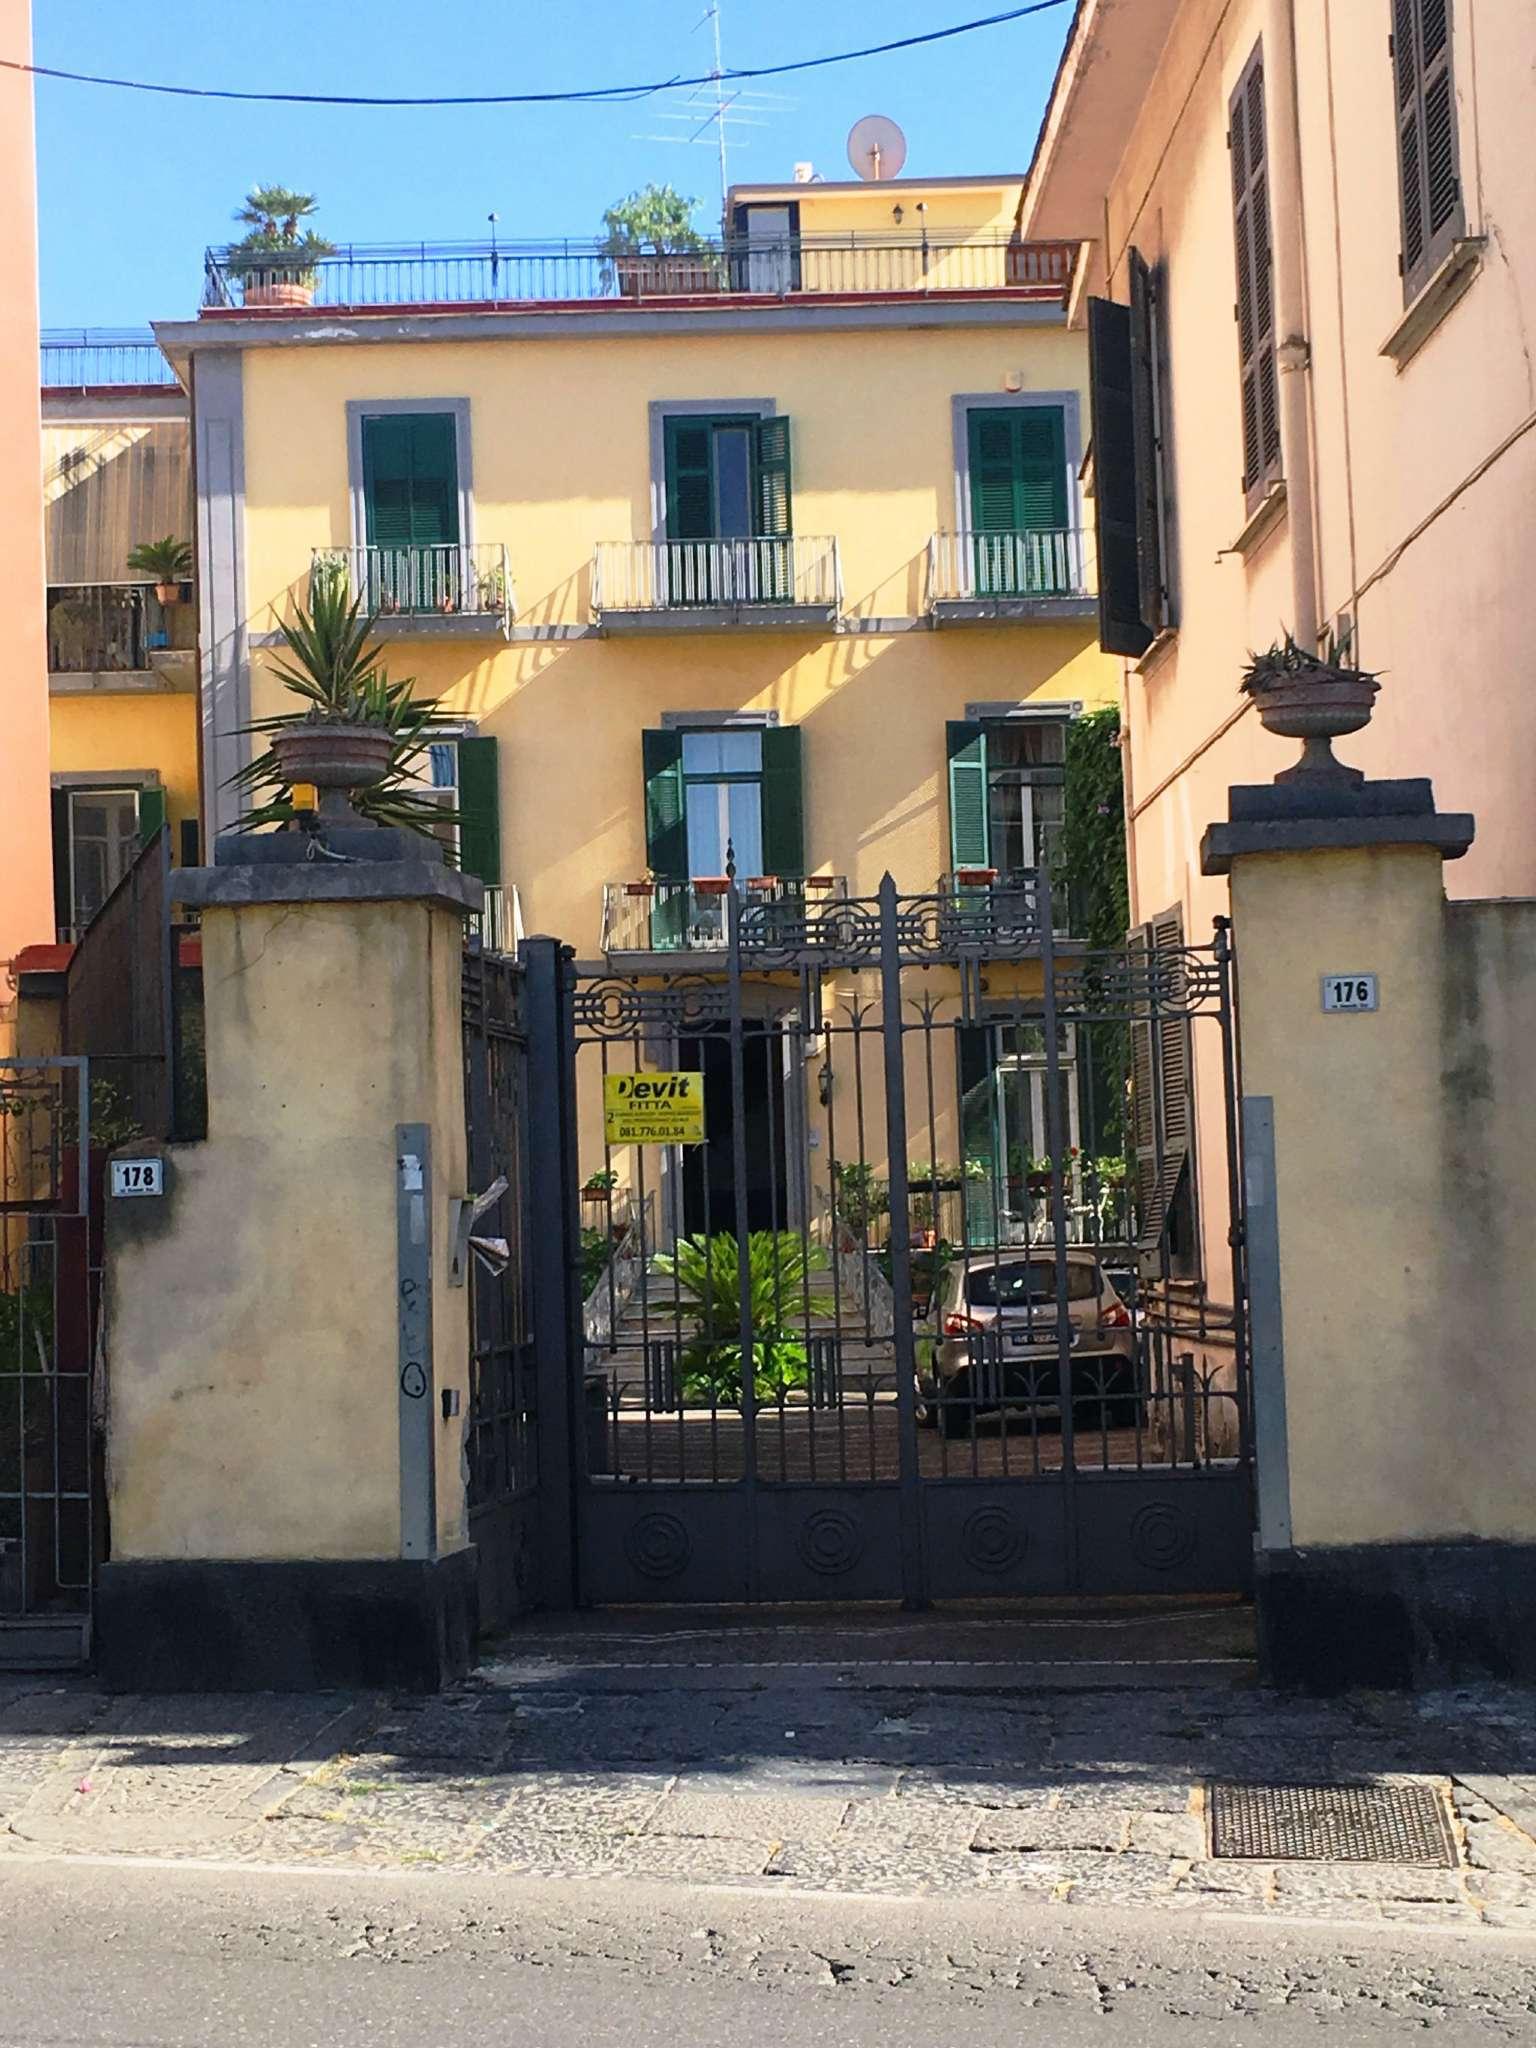 Ufficio / Studio in affitto a Portici, 2 locali, prezzo € 430 | CambioCasa.it